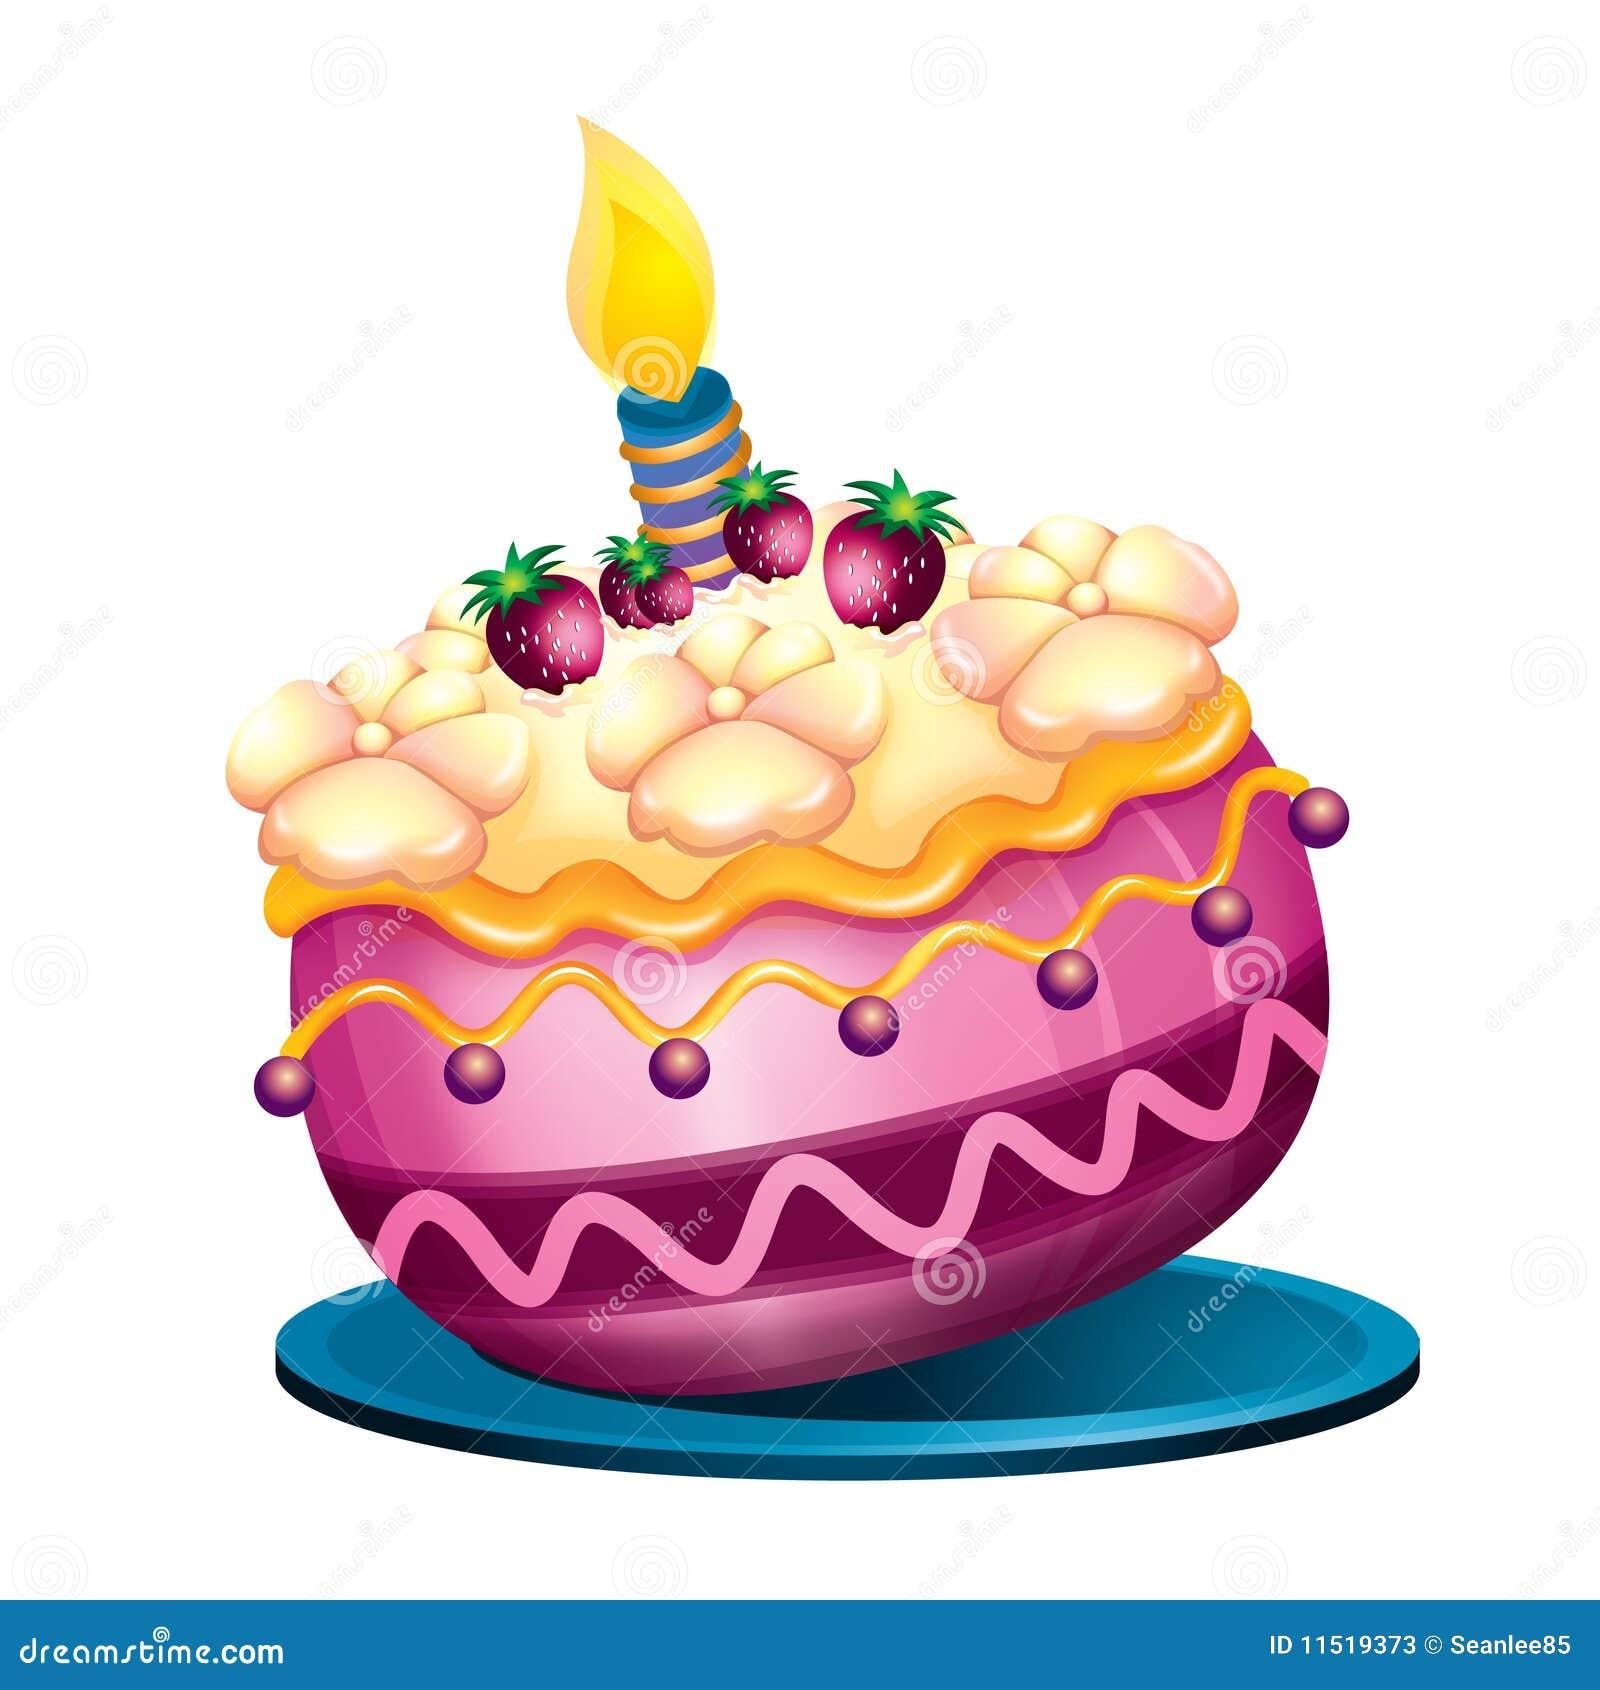 torta de cumplea os ilustraci n del vector imagen de